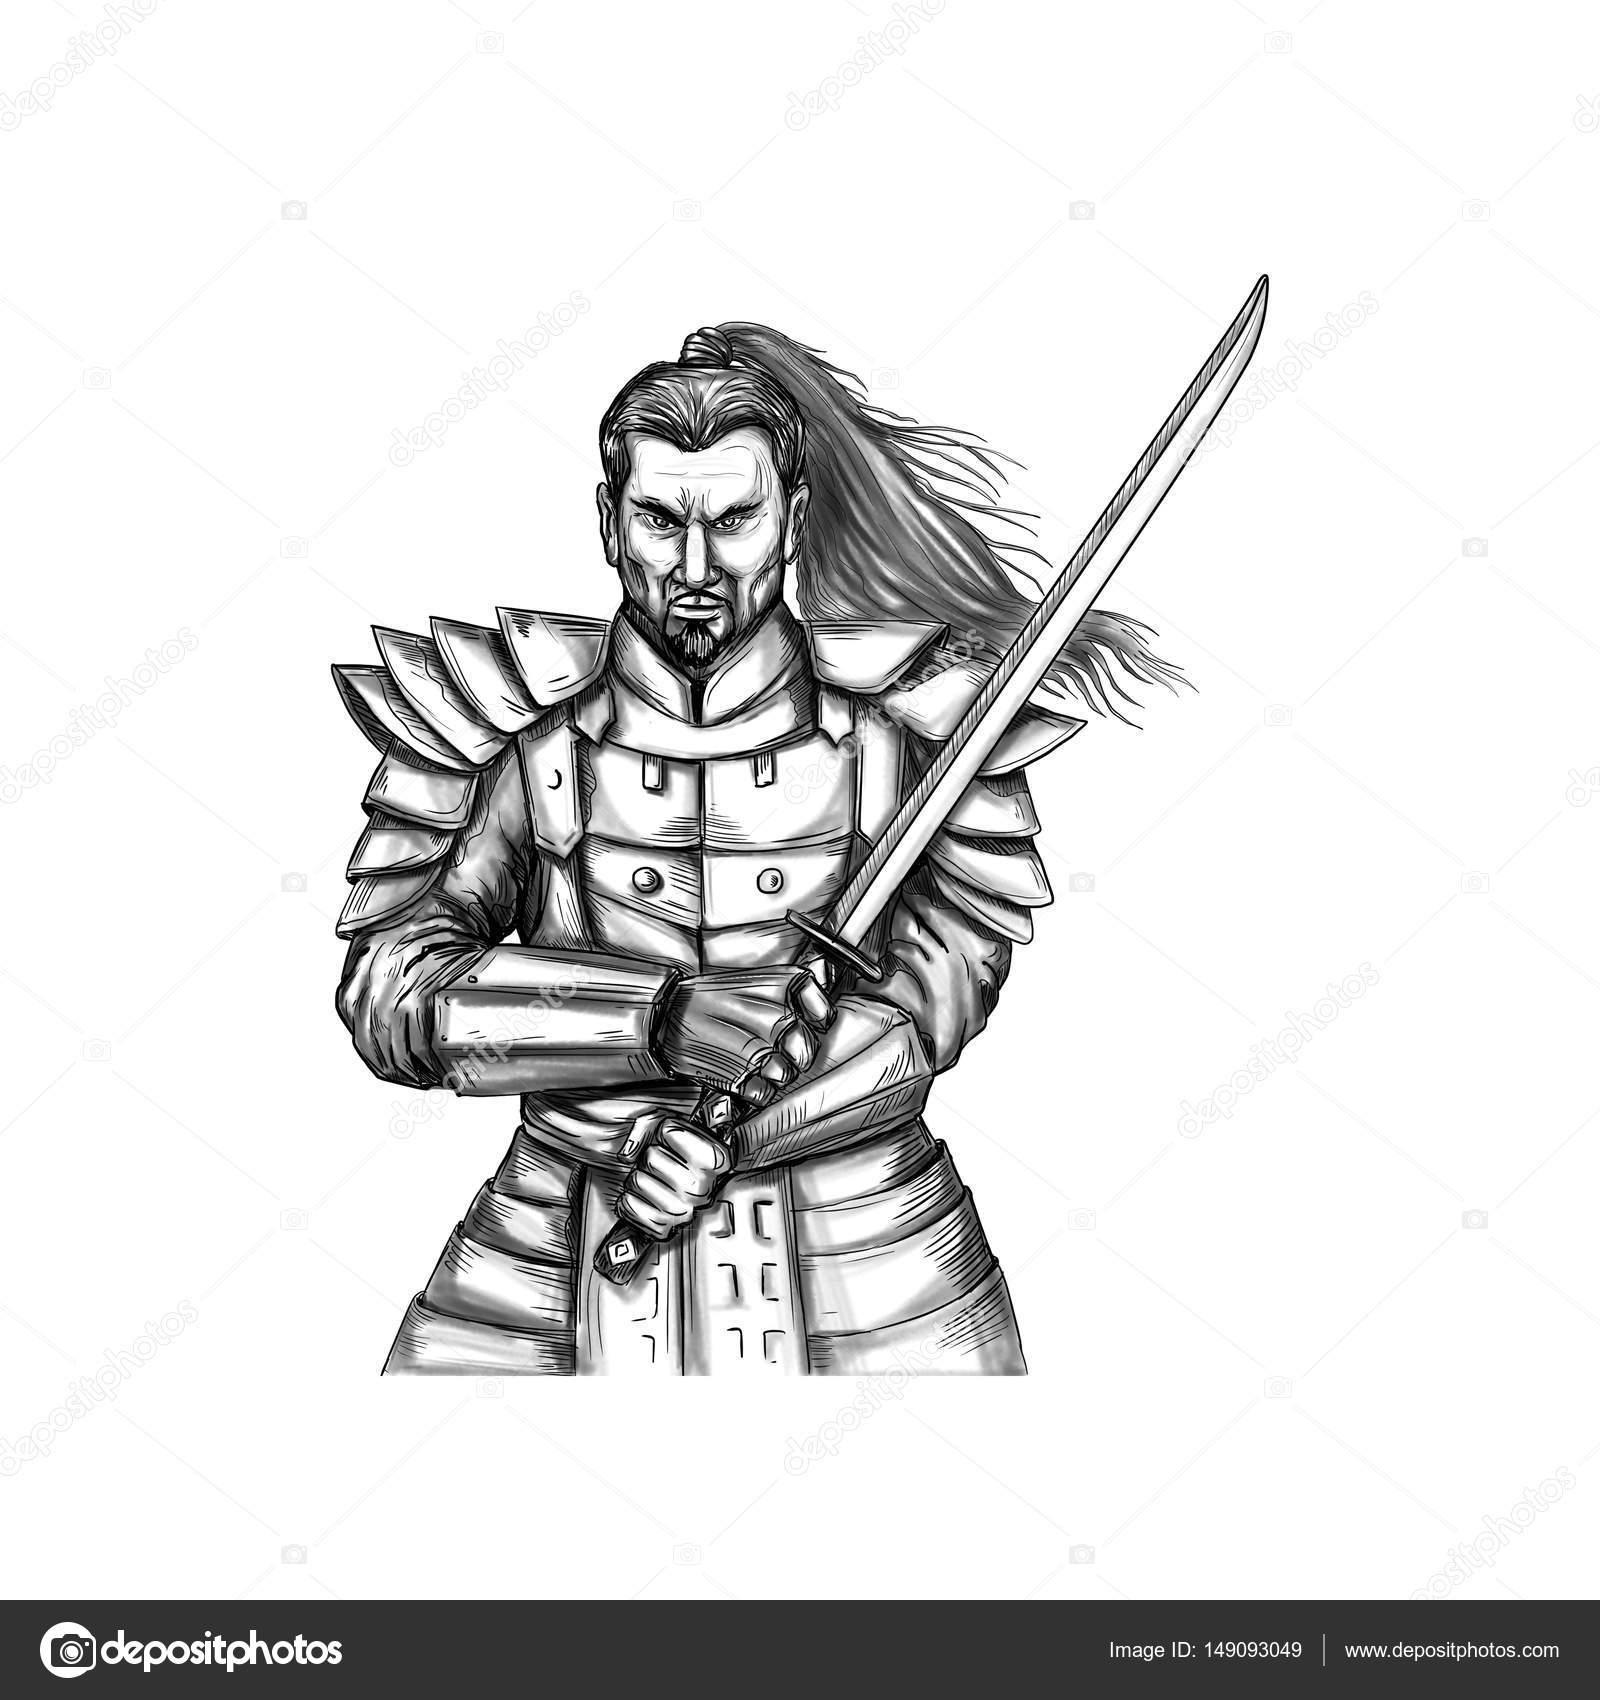 Dibujos Samurais Para Tatuajes Samurai Warrior Lucha Postura